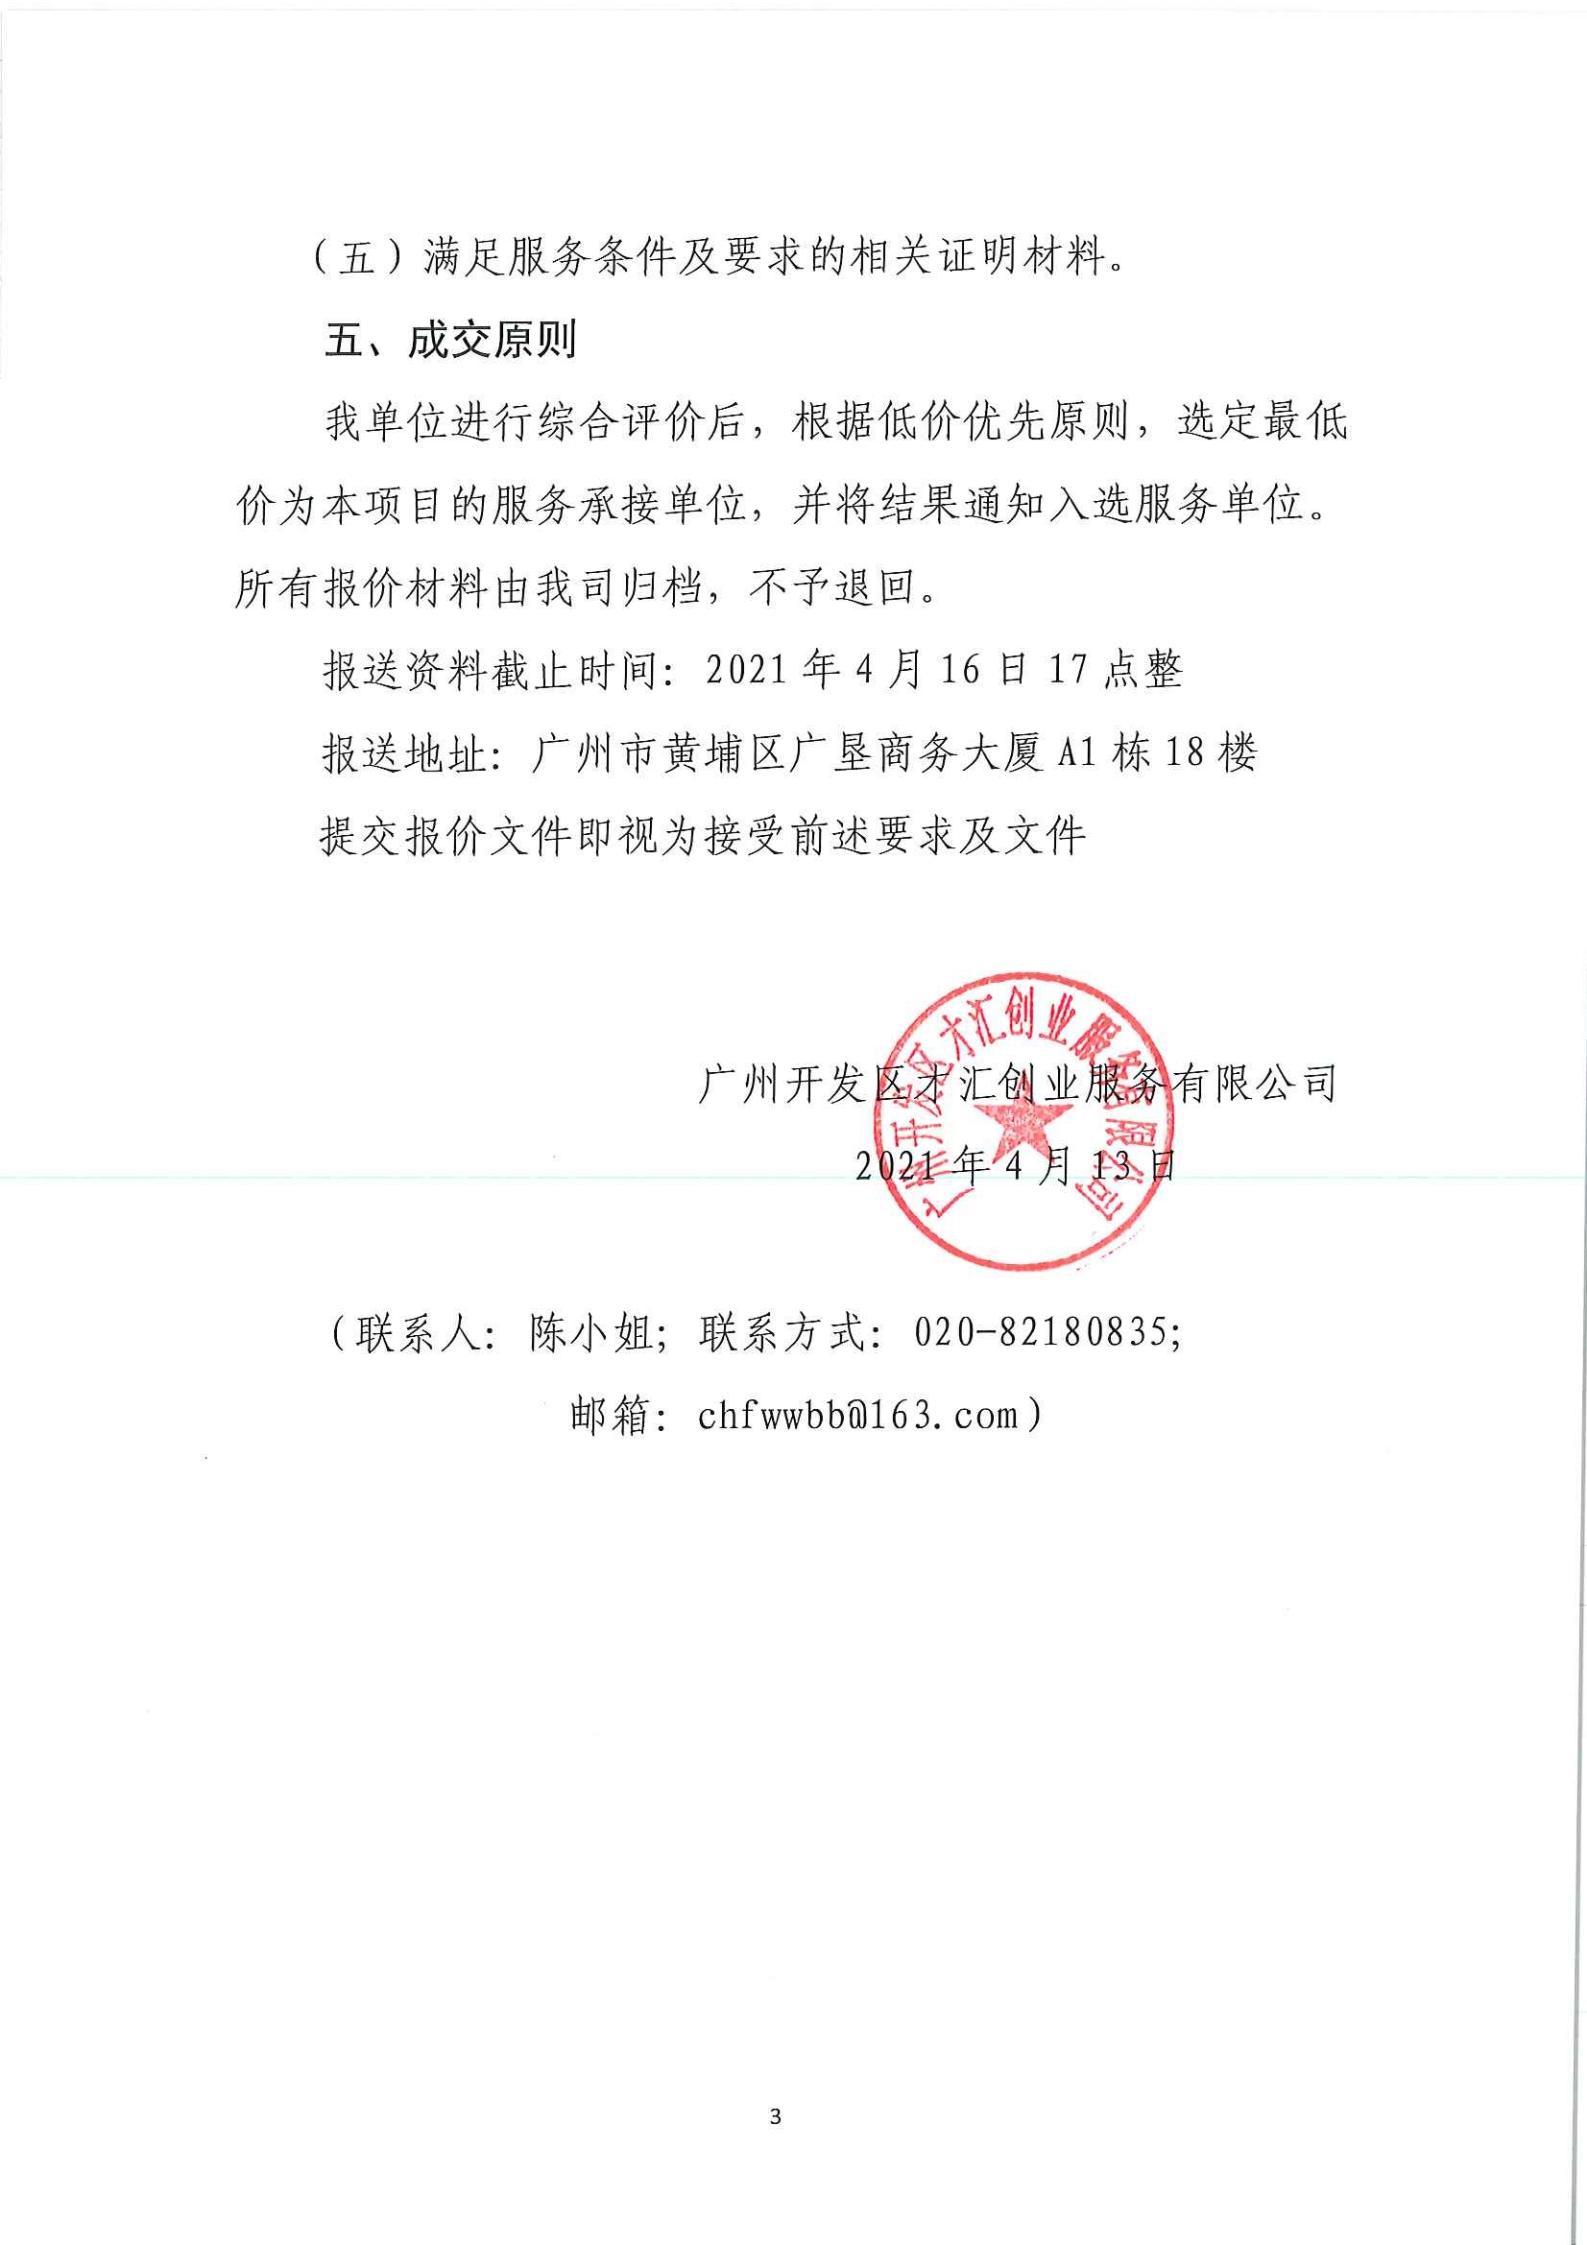 20210413关于采购设计服务项目(重招)询价函_02.png